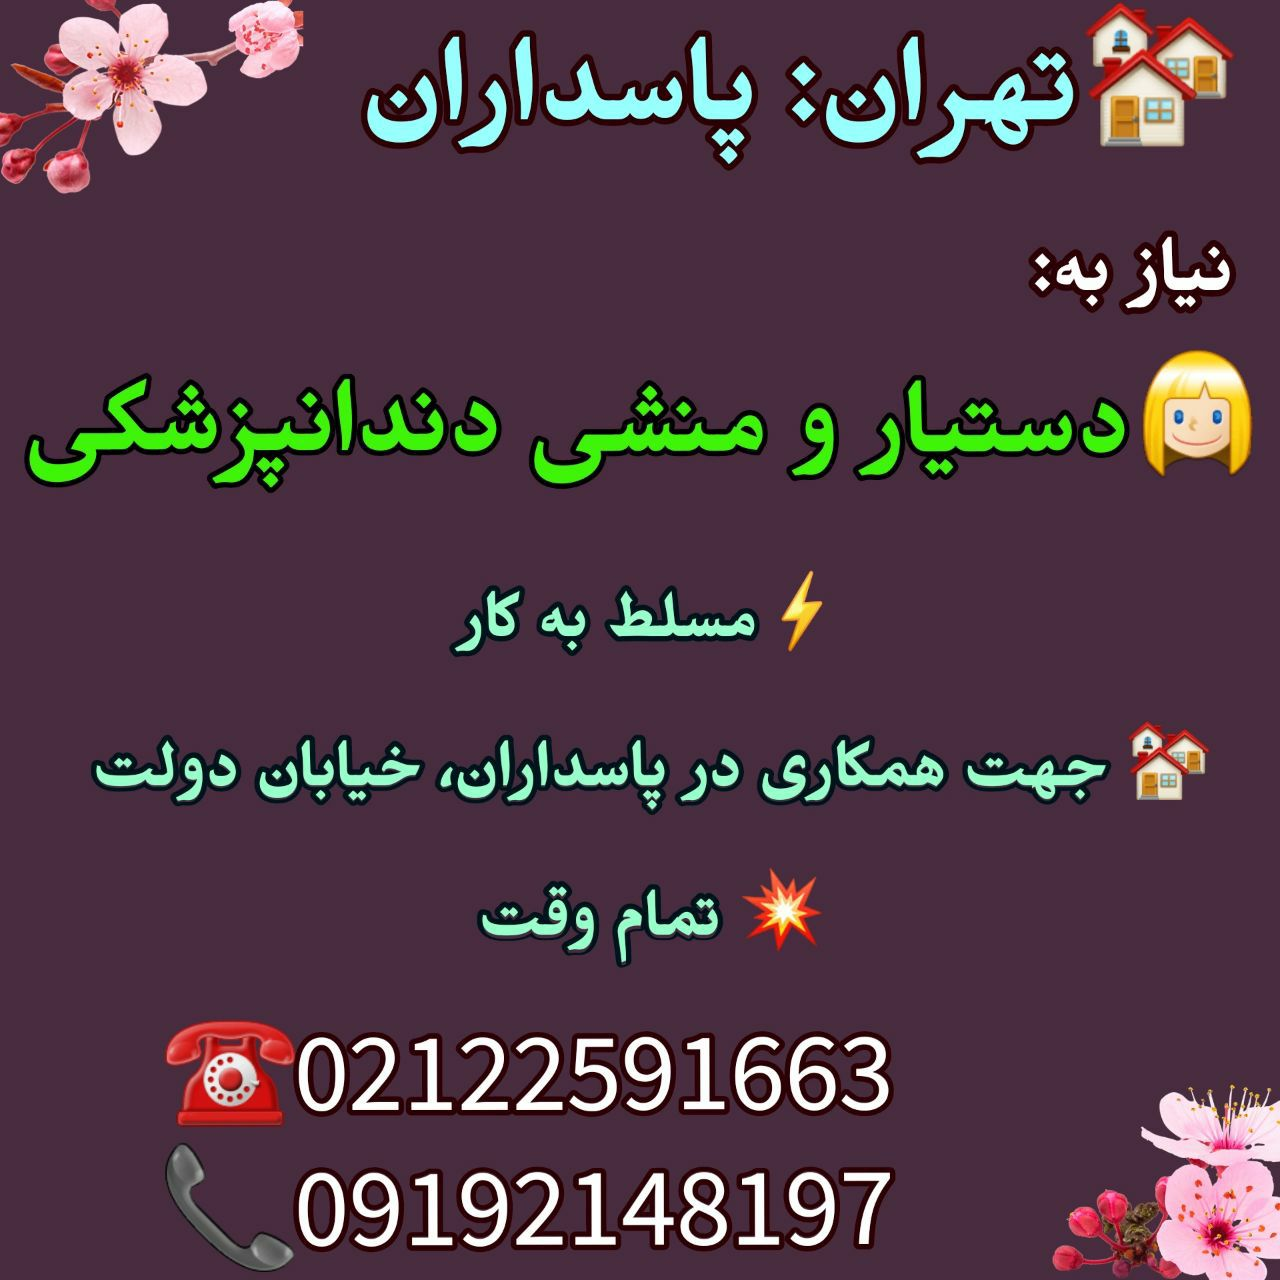 تهران: پاسداران، نیاز به دستیار و منشی دندانپزشکی